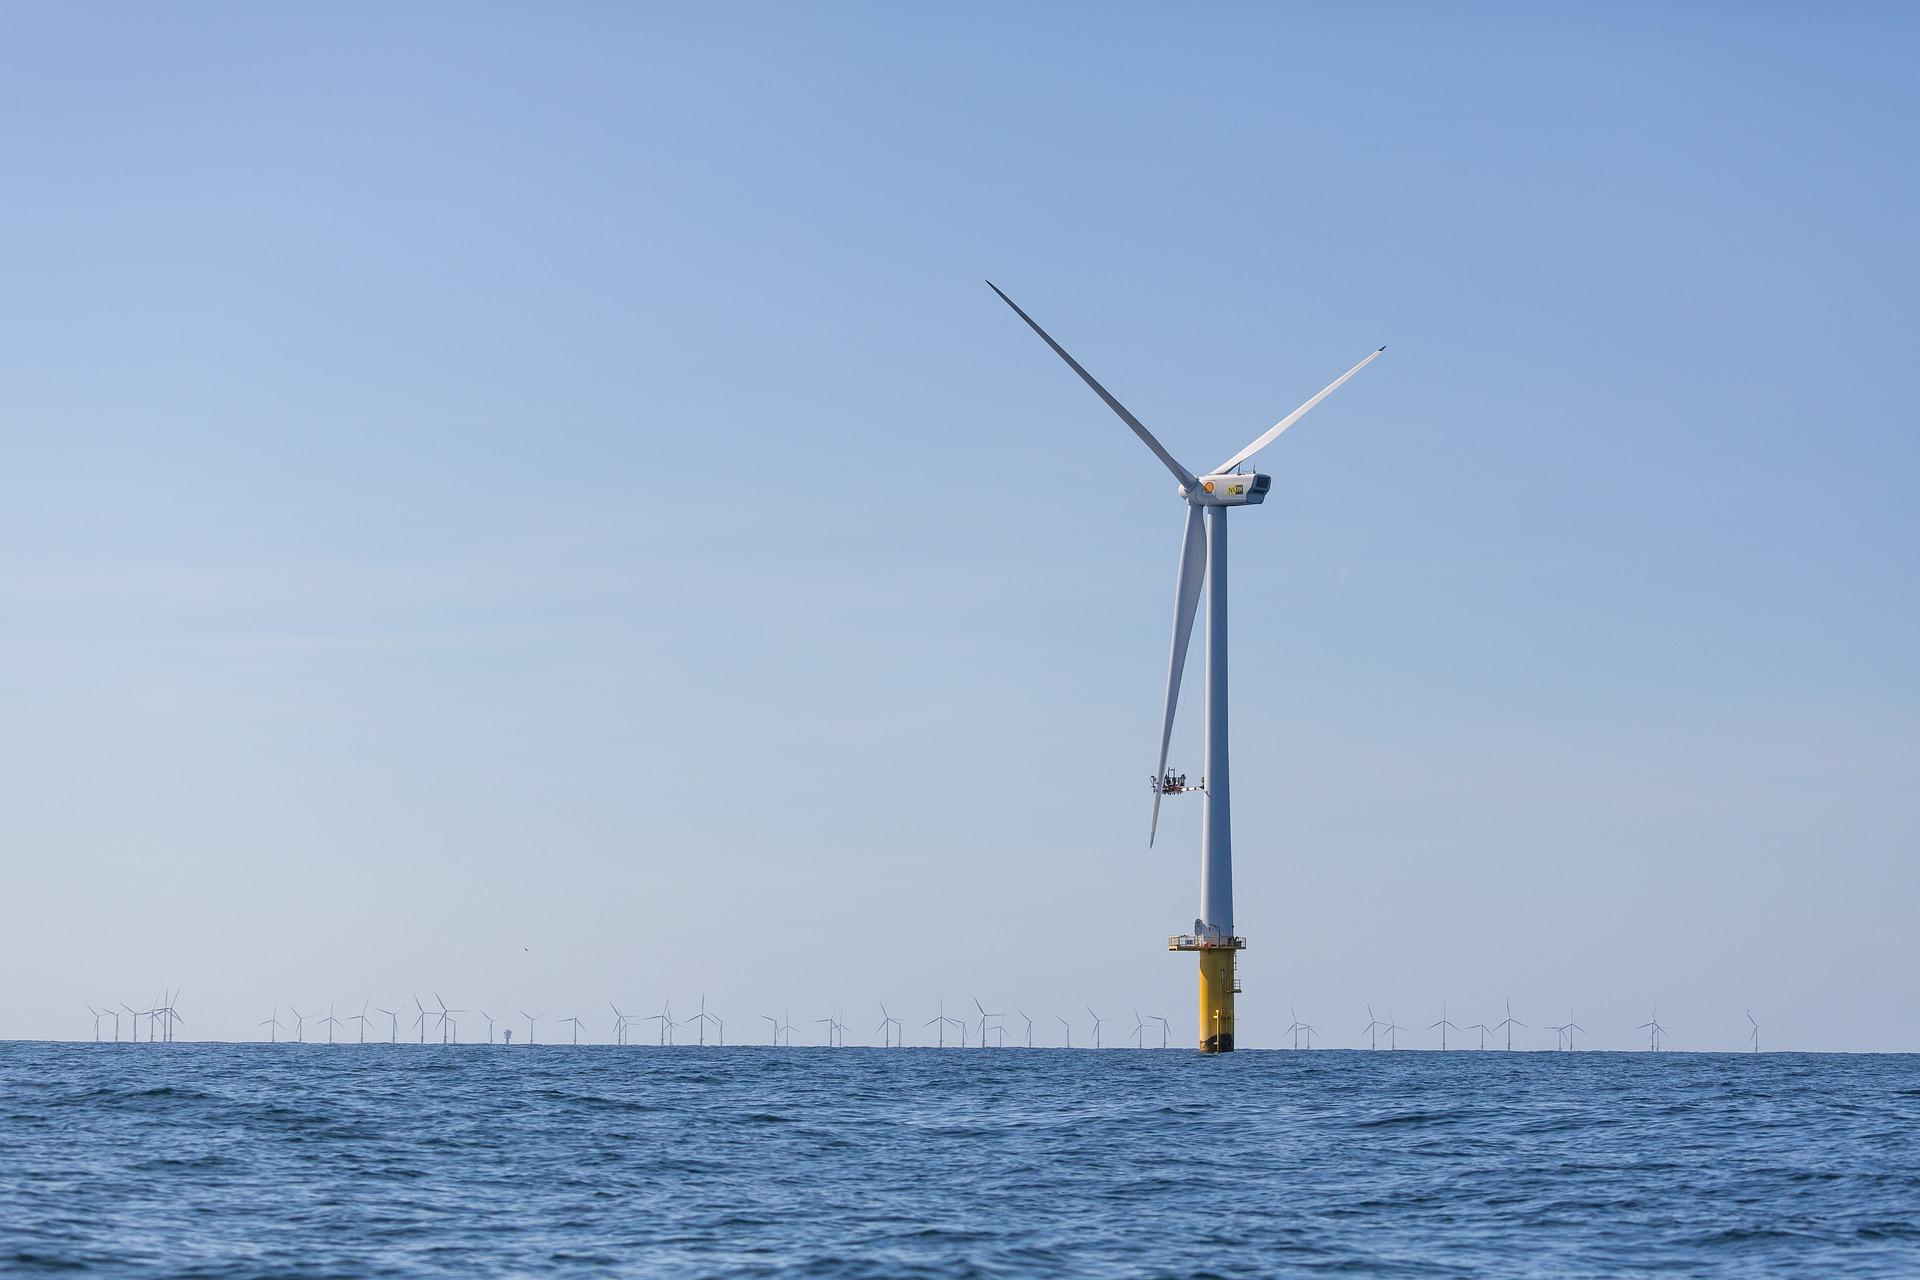 La aceptación ciudadana a la implantación de las energías marinas en la costa andaluza es medio-alta